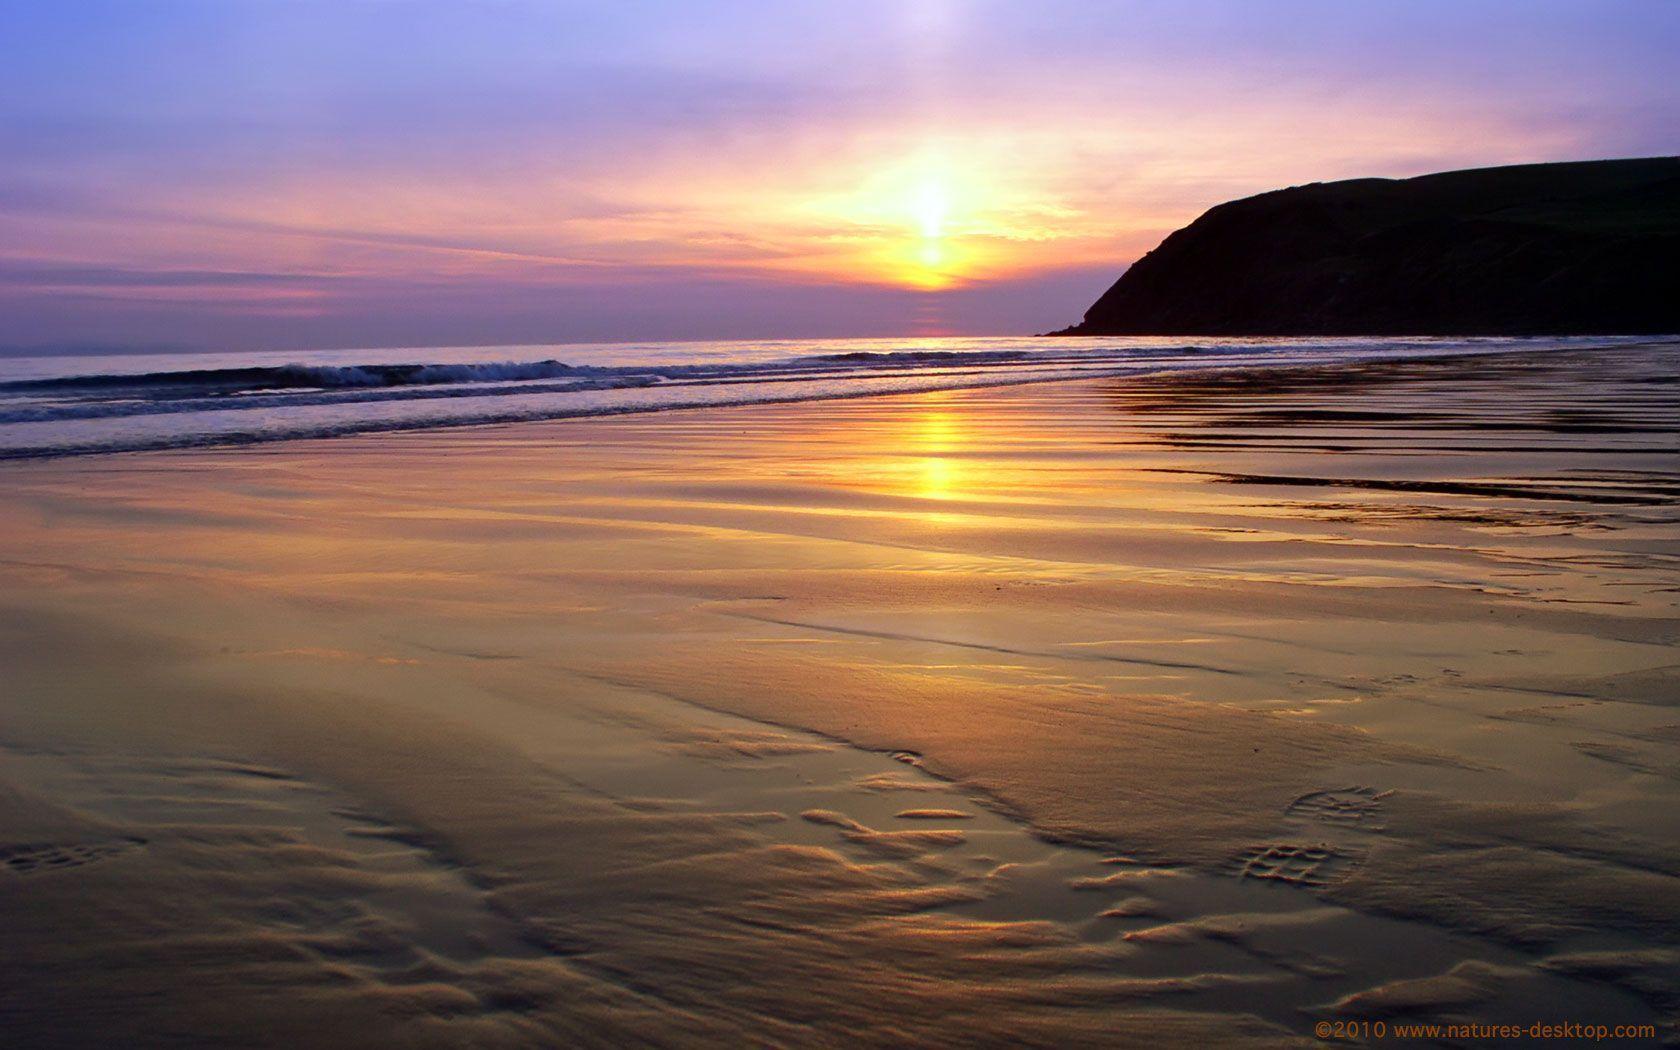 Beach Sunset Backgrounds - Wallpaper Cave